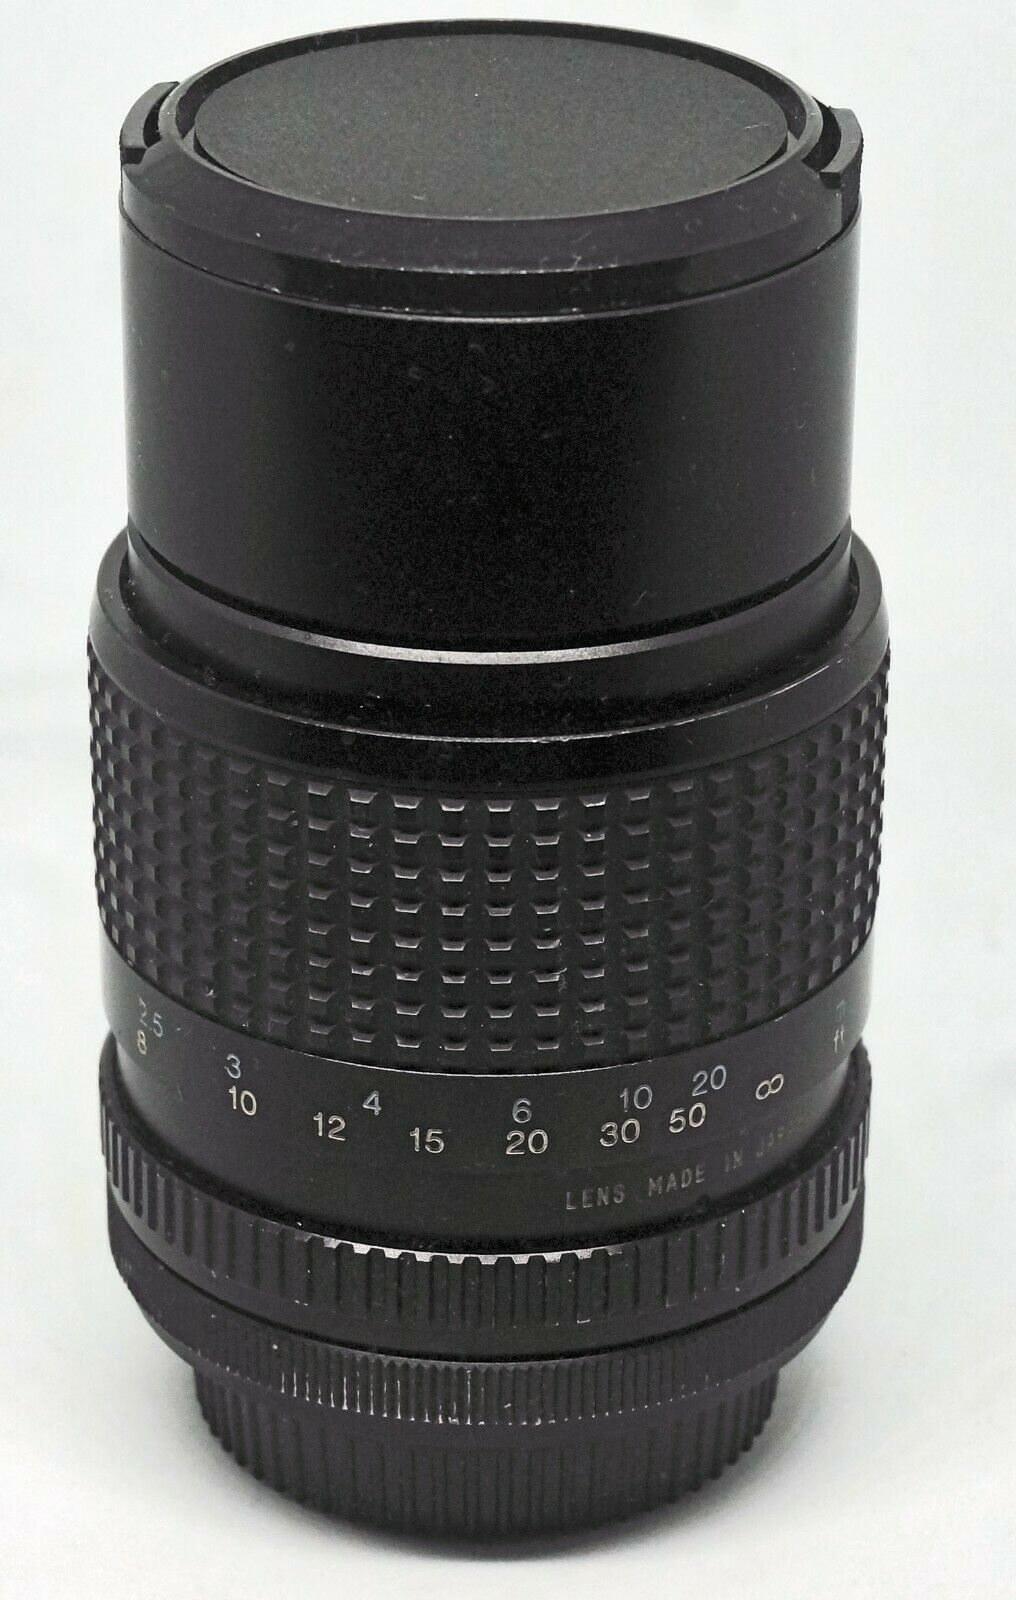 LENS For 35mm SLR Canon FD Mount TOKINA 2.8/135 VG PHL0015  - $35.00